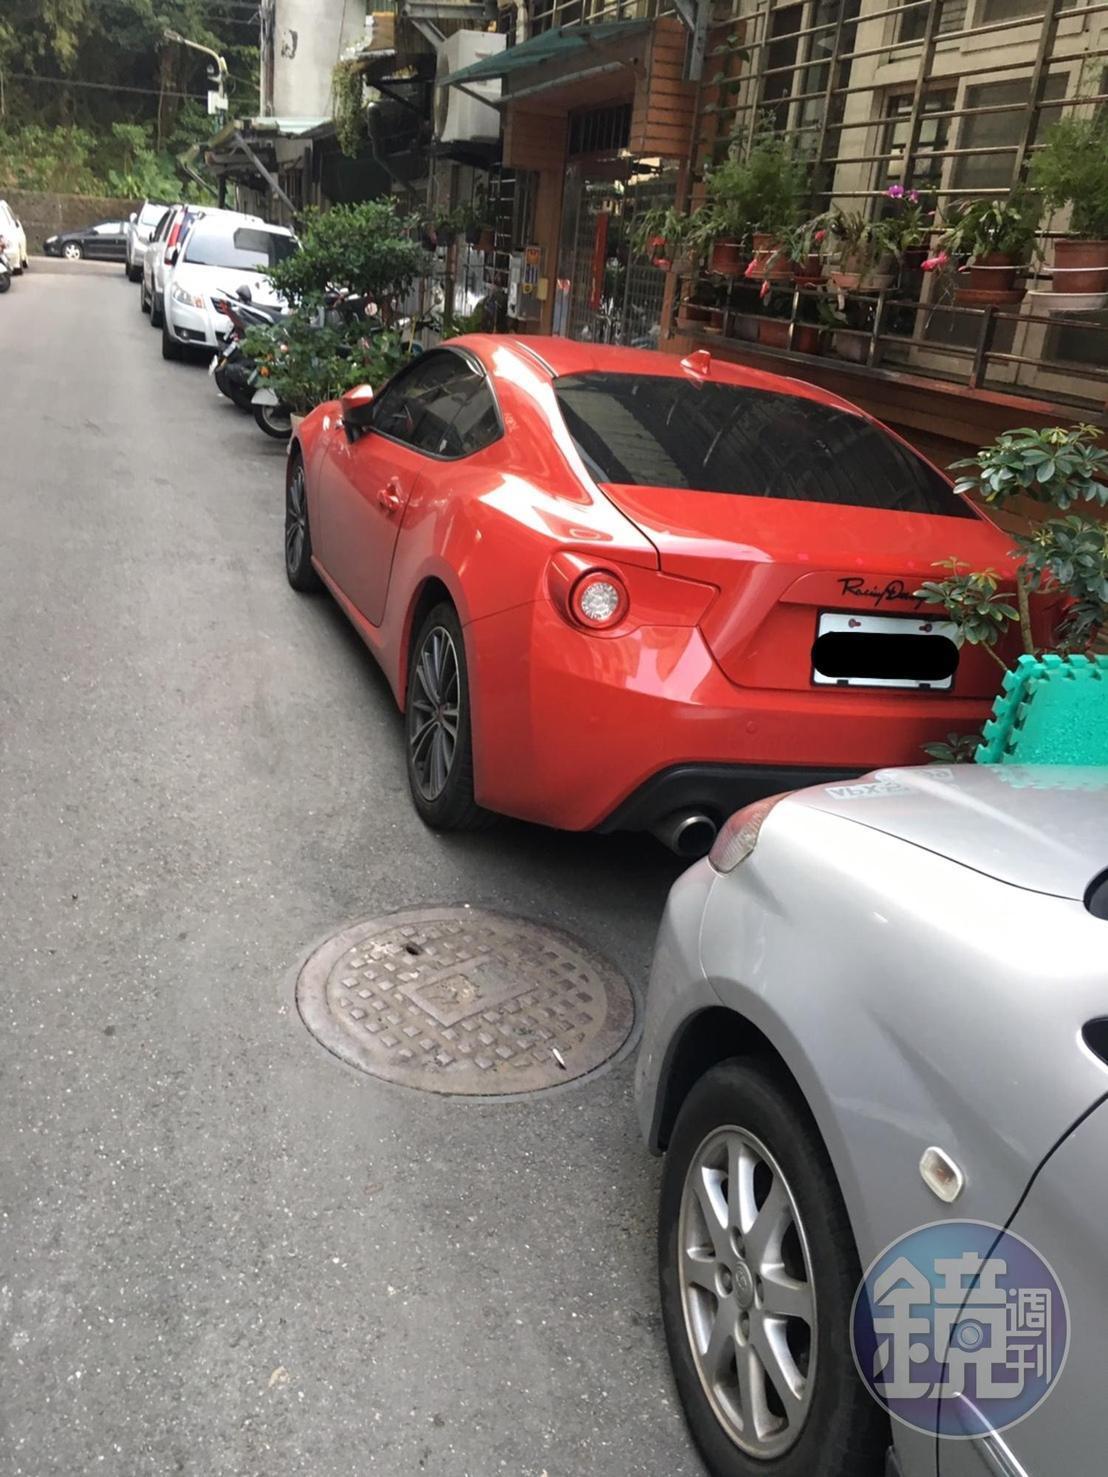 周員態度高調,還開紅色跑車上班。(投訴人提供)